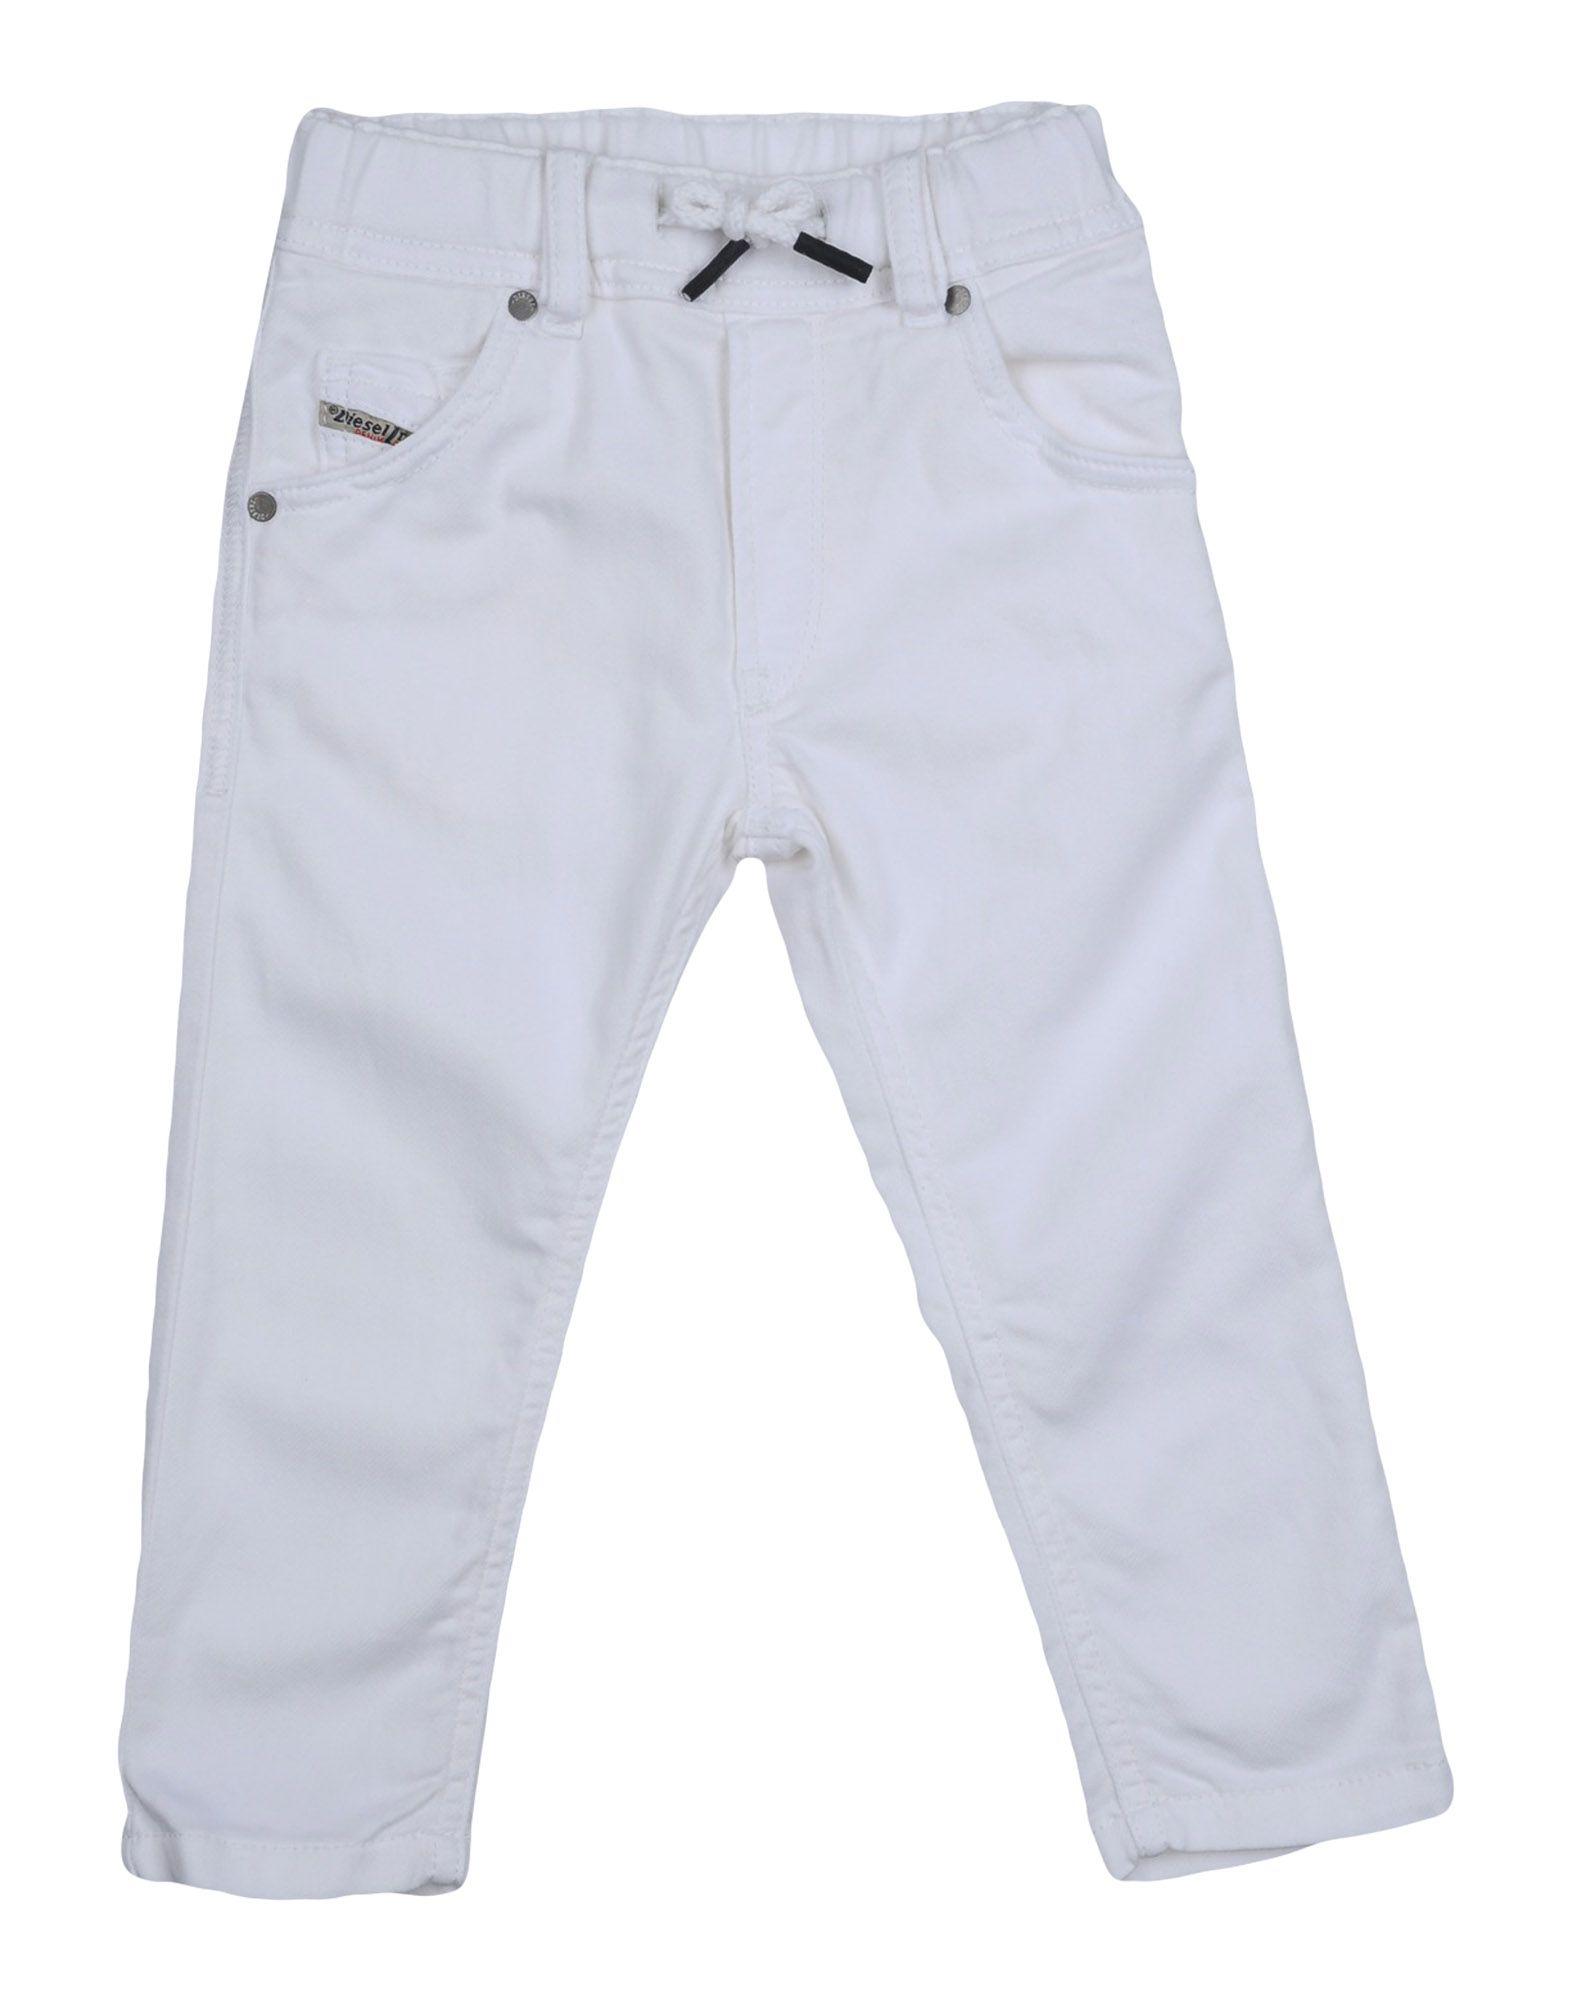 DIESEL Джинсовые брюки брюки текстильные джинсовые для девочек 110 362011 синий деним ean 4690244736511